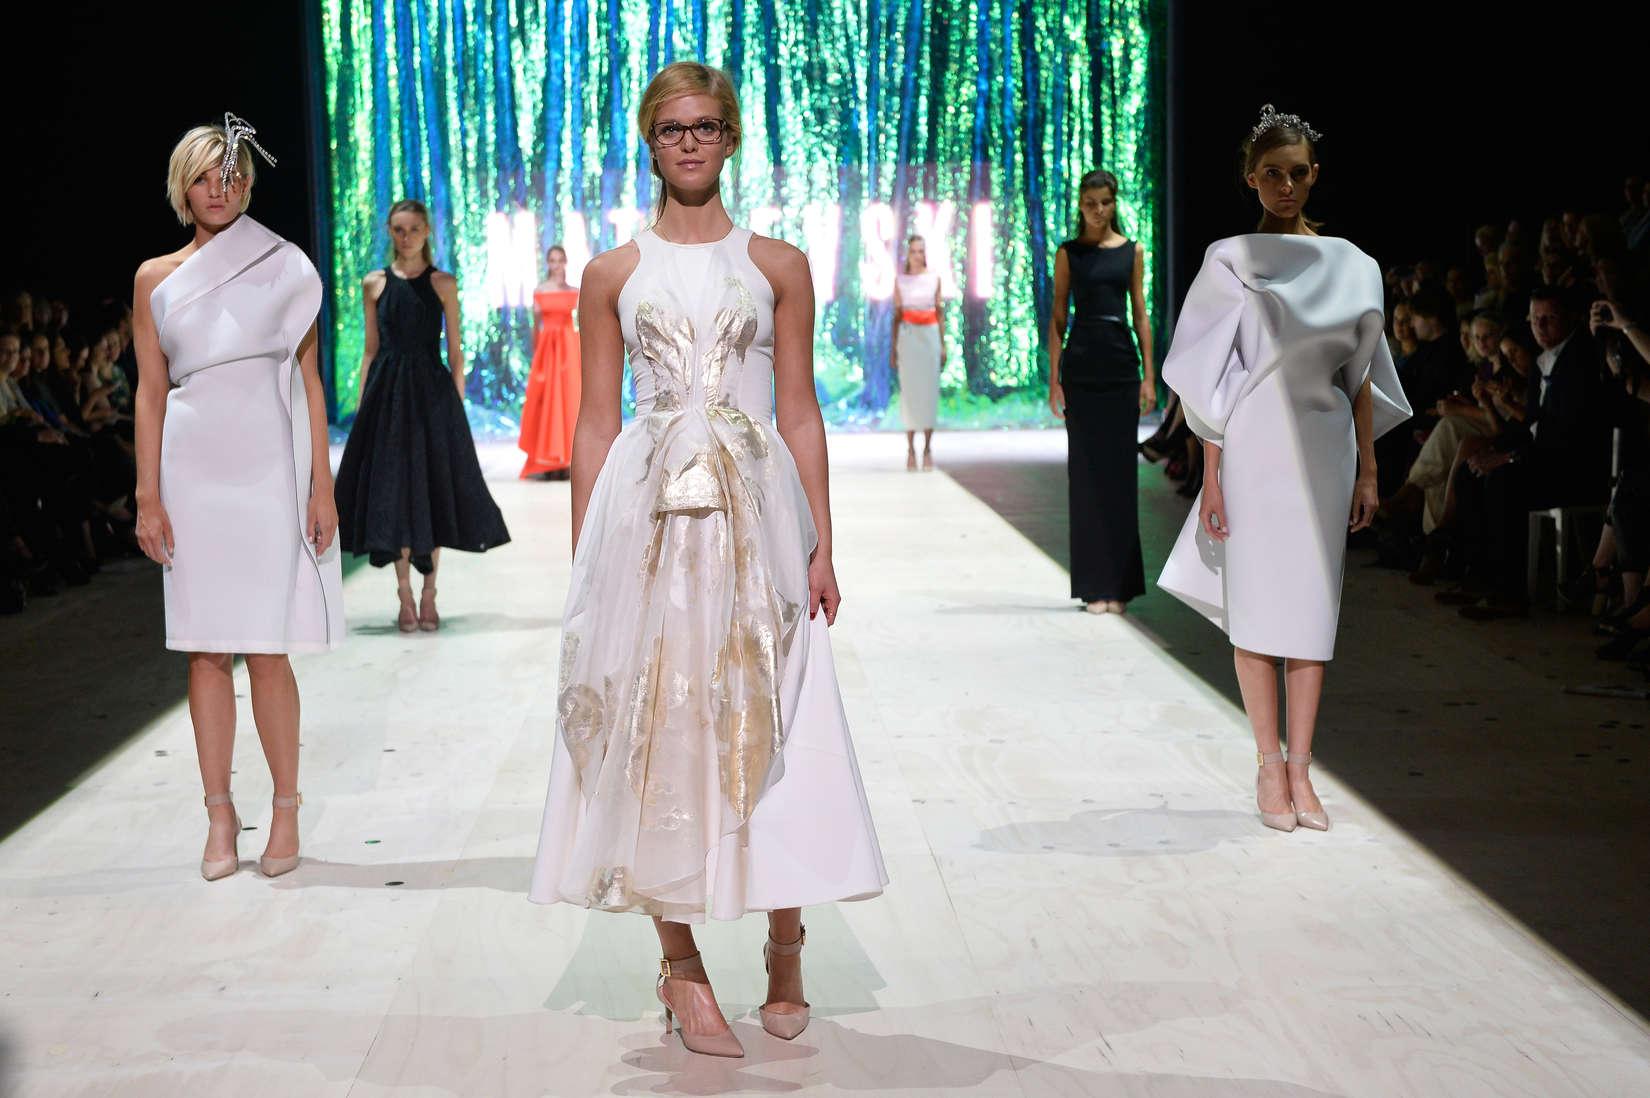 Erin Heatherton Mercedes Benz Trends fashion show in Sydney